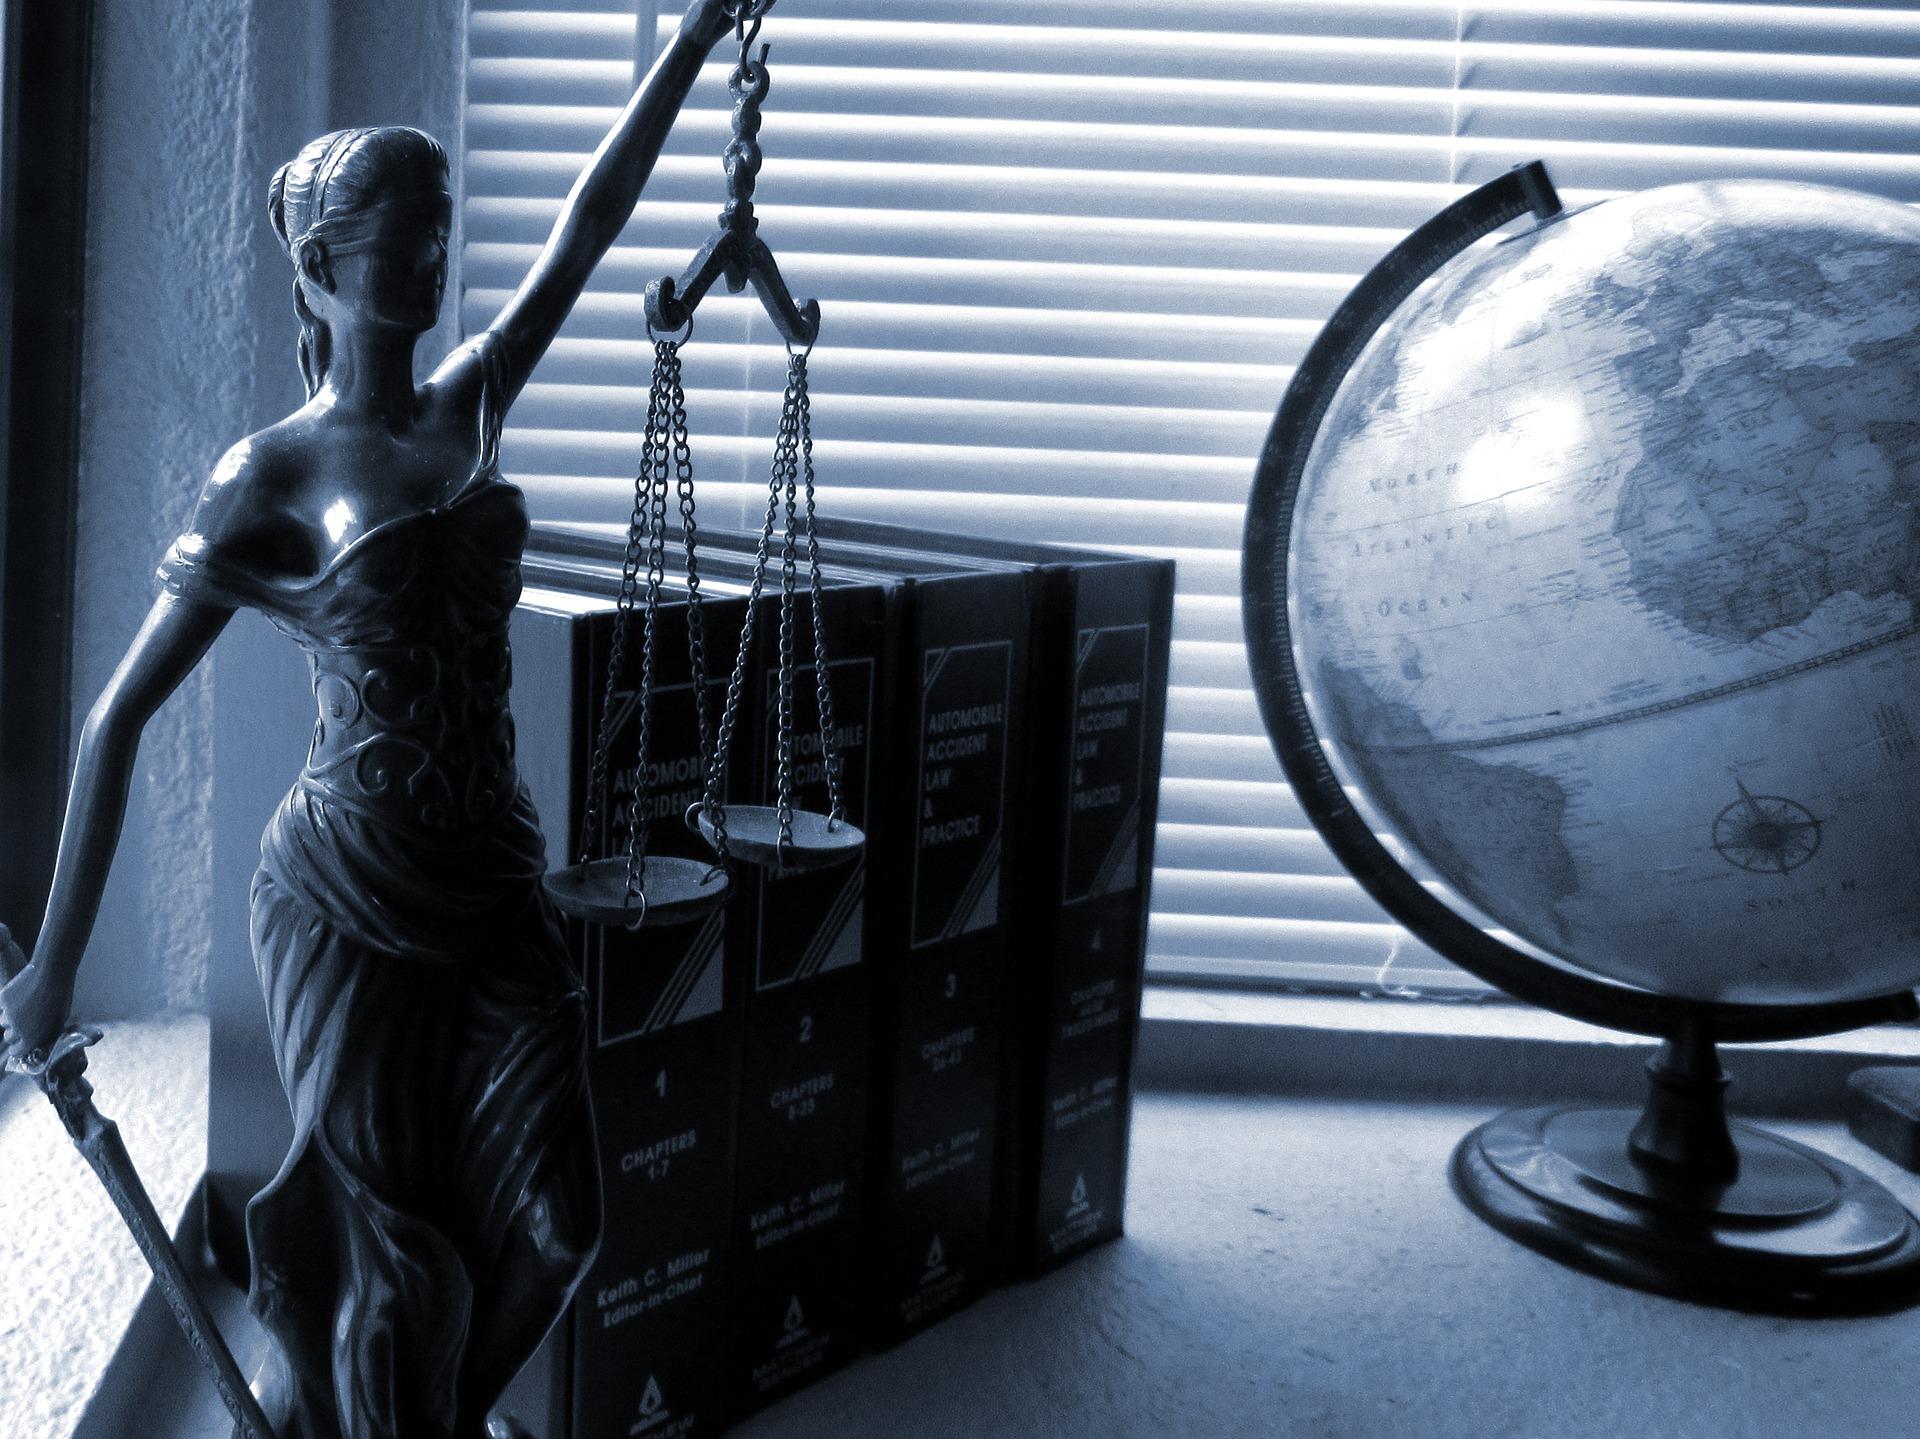 探偵社と興信所の違いは?探偵の業務は法律違反なの?